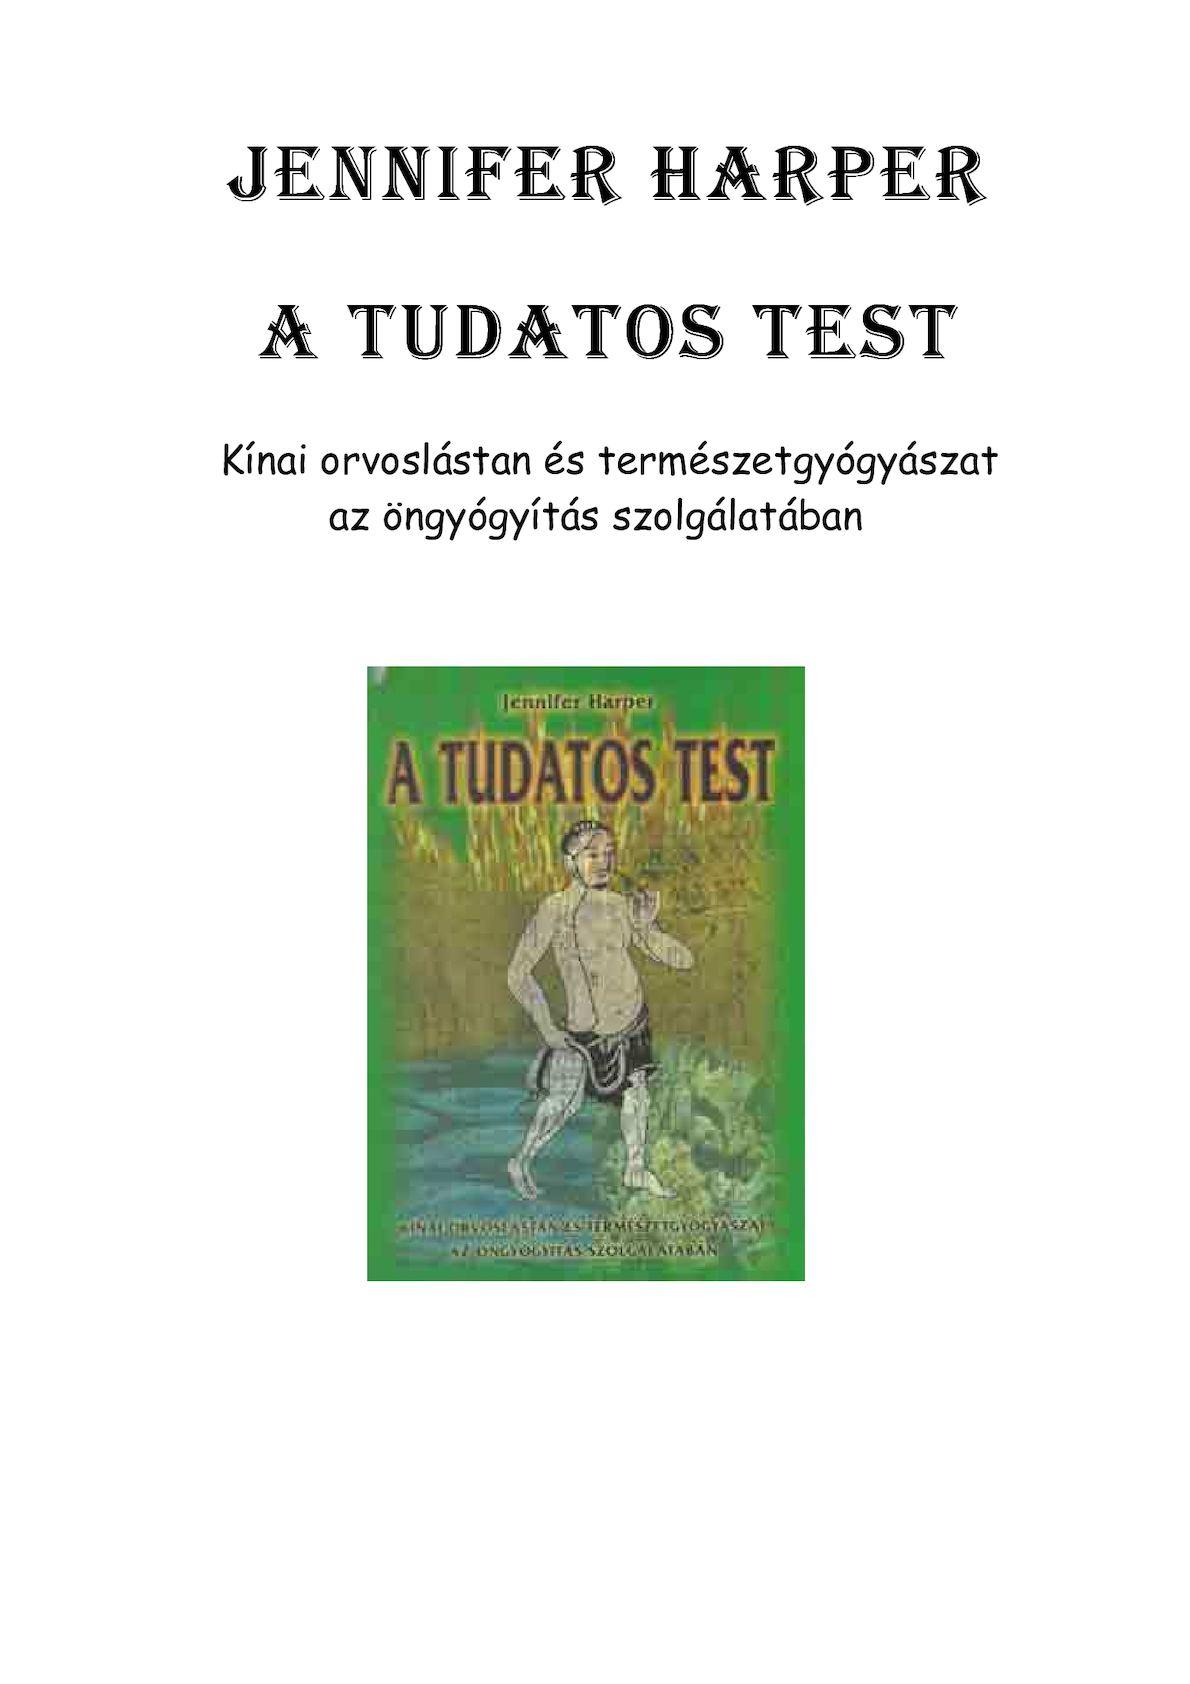 gyógynövény a paraziták receptjeiről a paraziták megtisztítására)